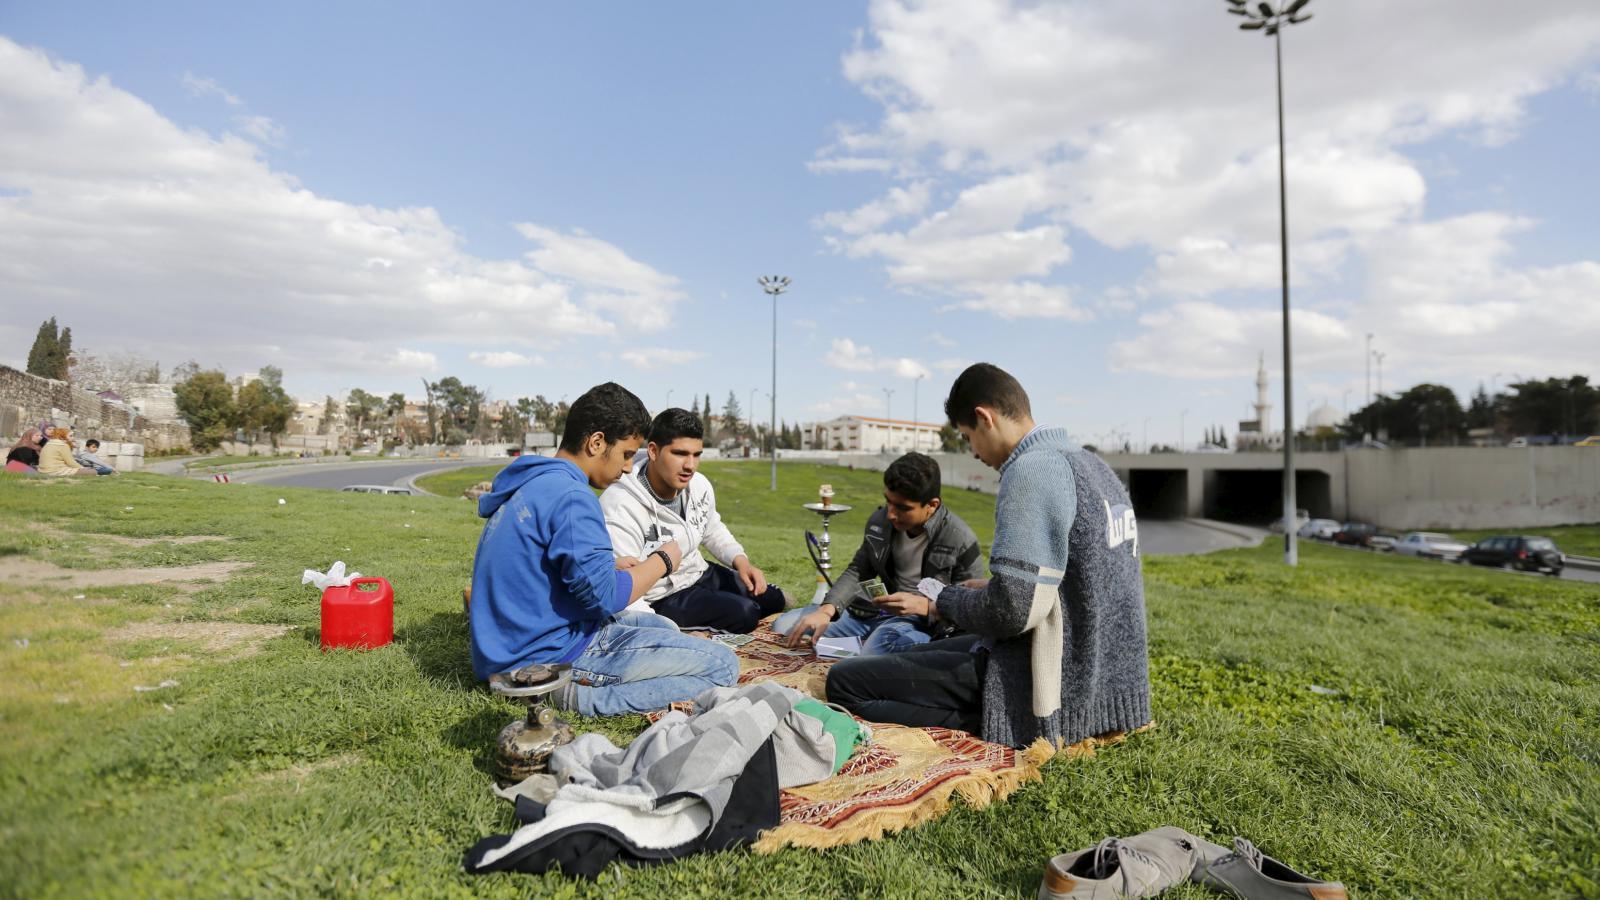 Syřané hrají karetní hry na předměstí Damašku